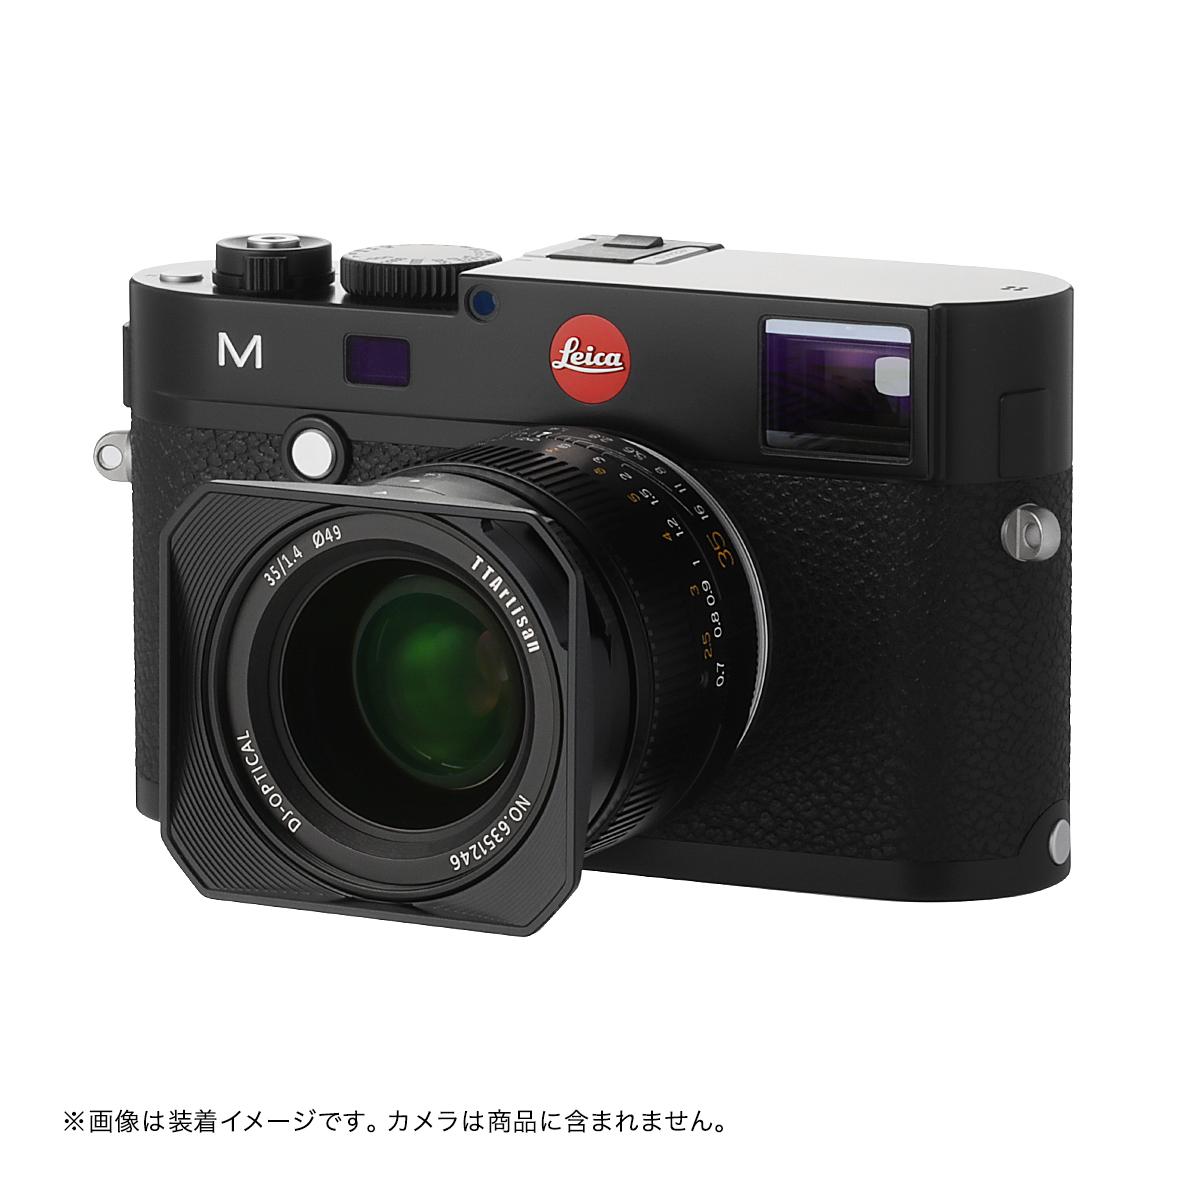 銘匠光学 TTArtisan 35mm f/1.4 ASPH 単焦点レンズ ライカMマウント ブラック